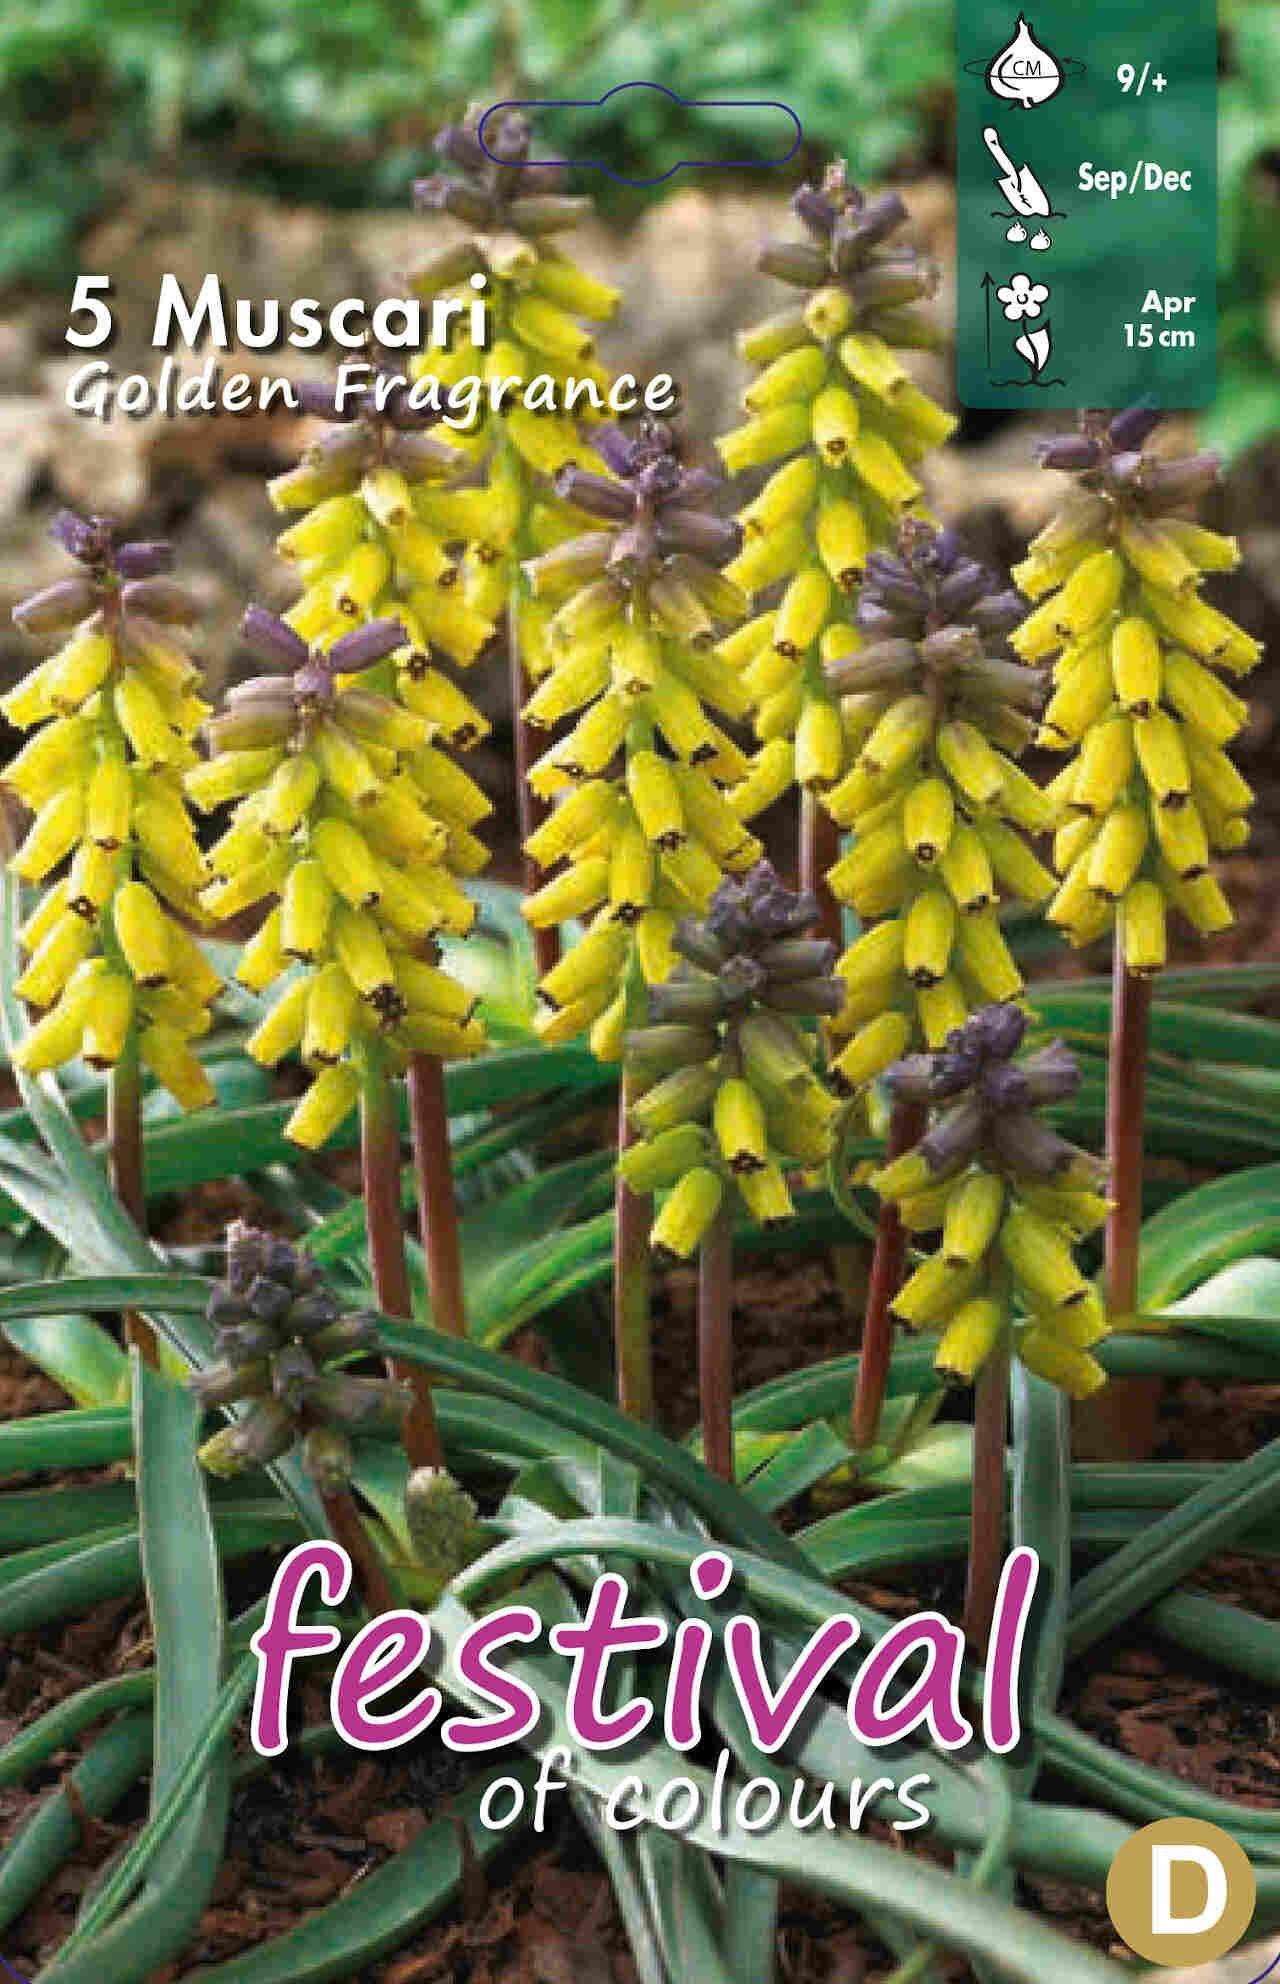 Perlehyacint - Muscari Golden Fragrance 9/+